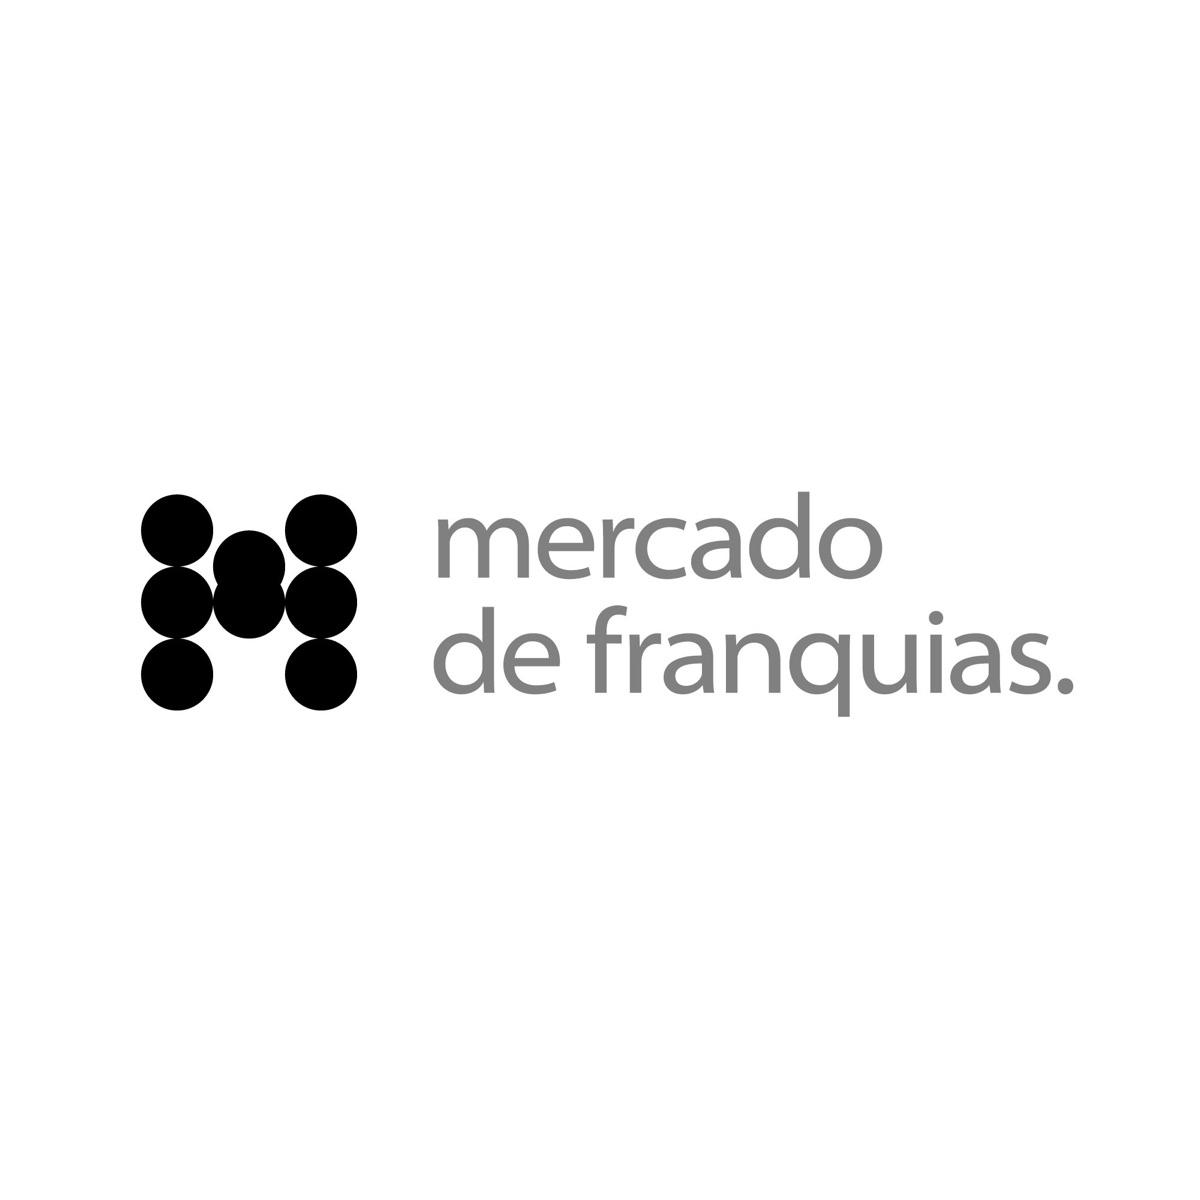 Mercado de Franquias